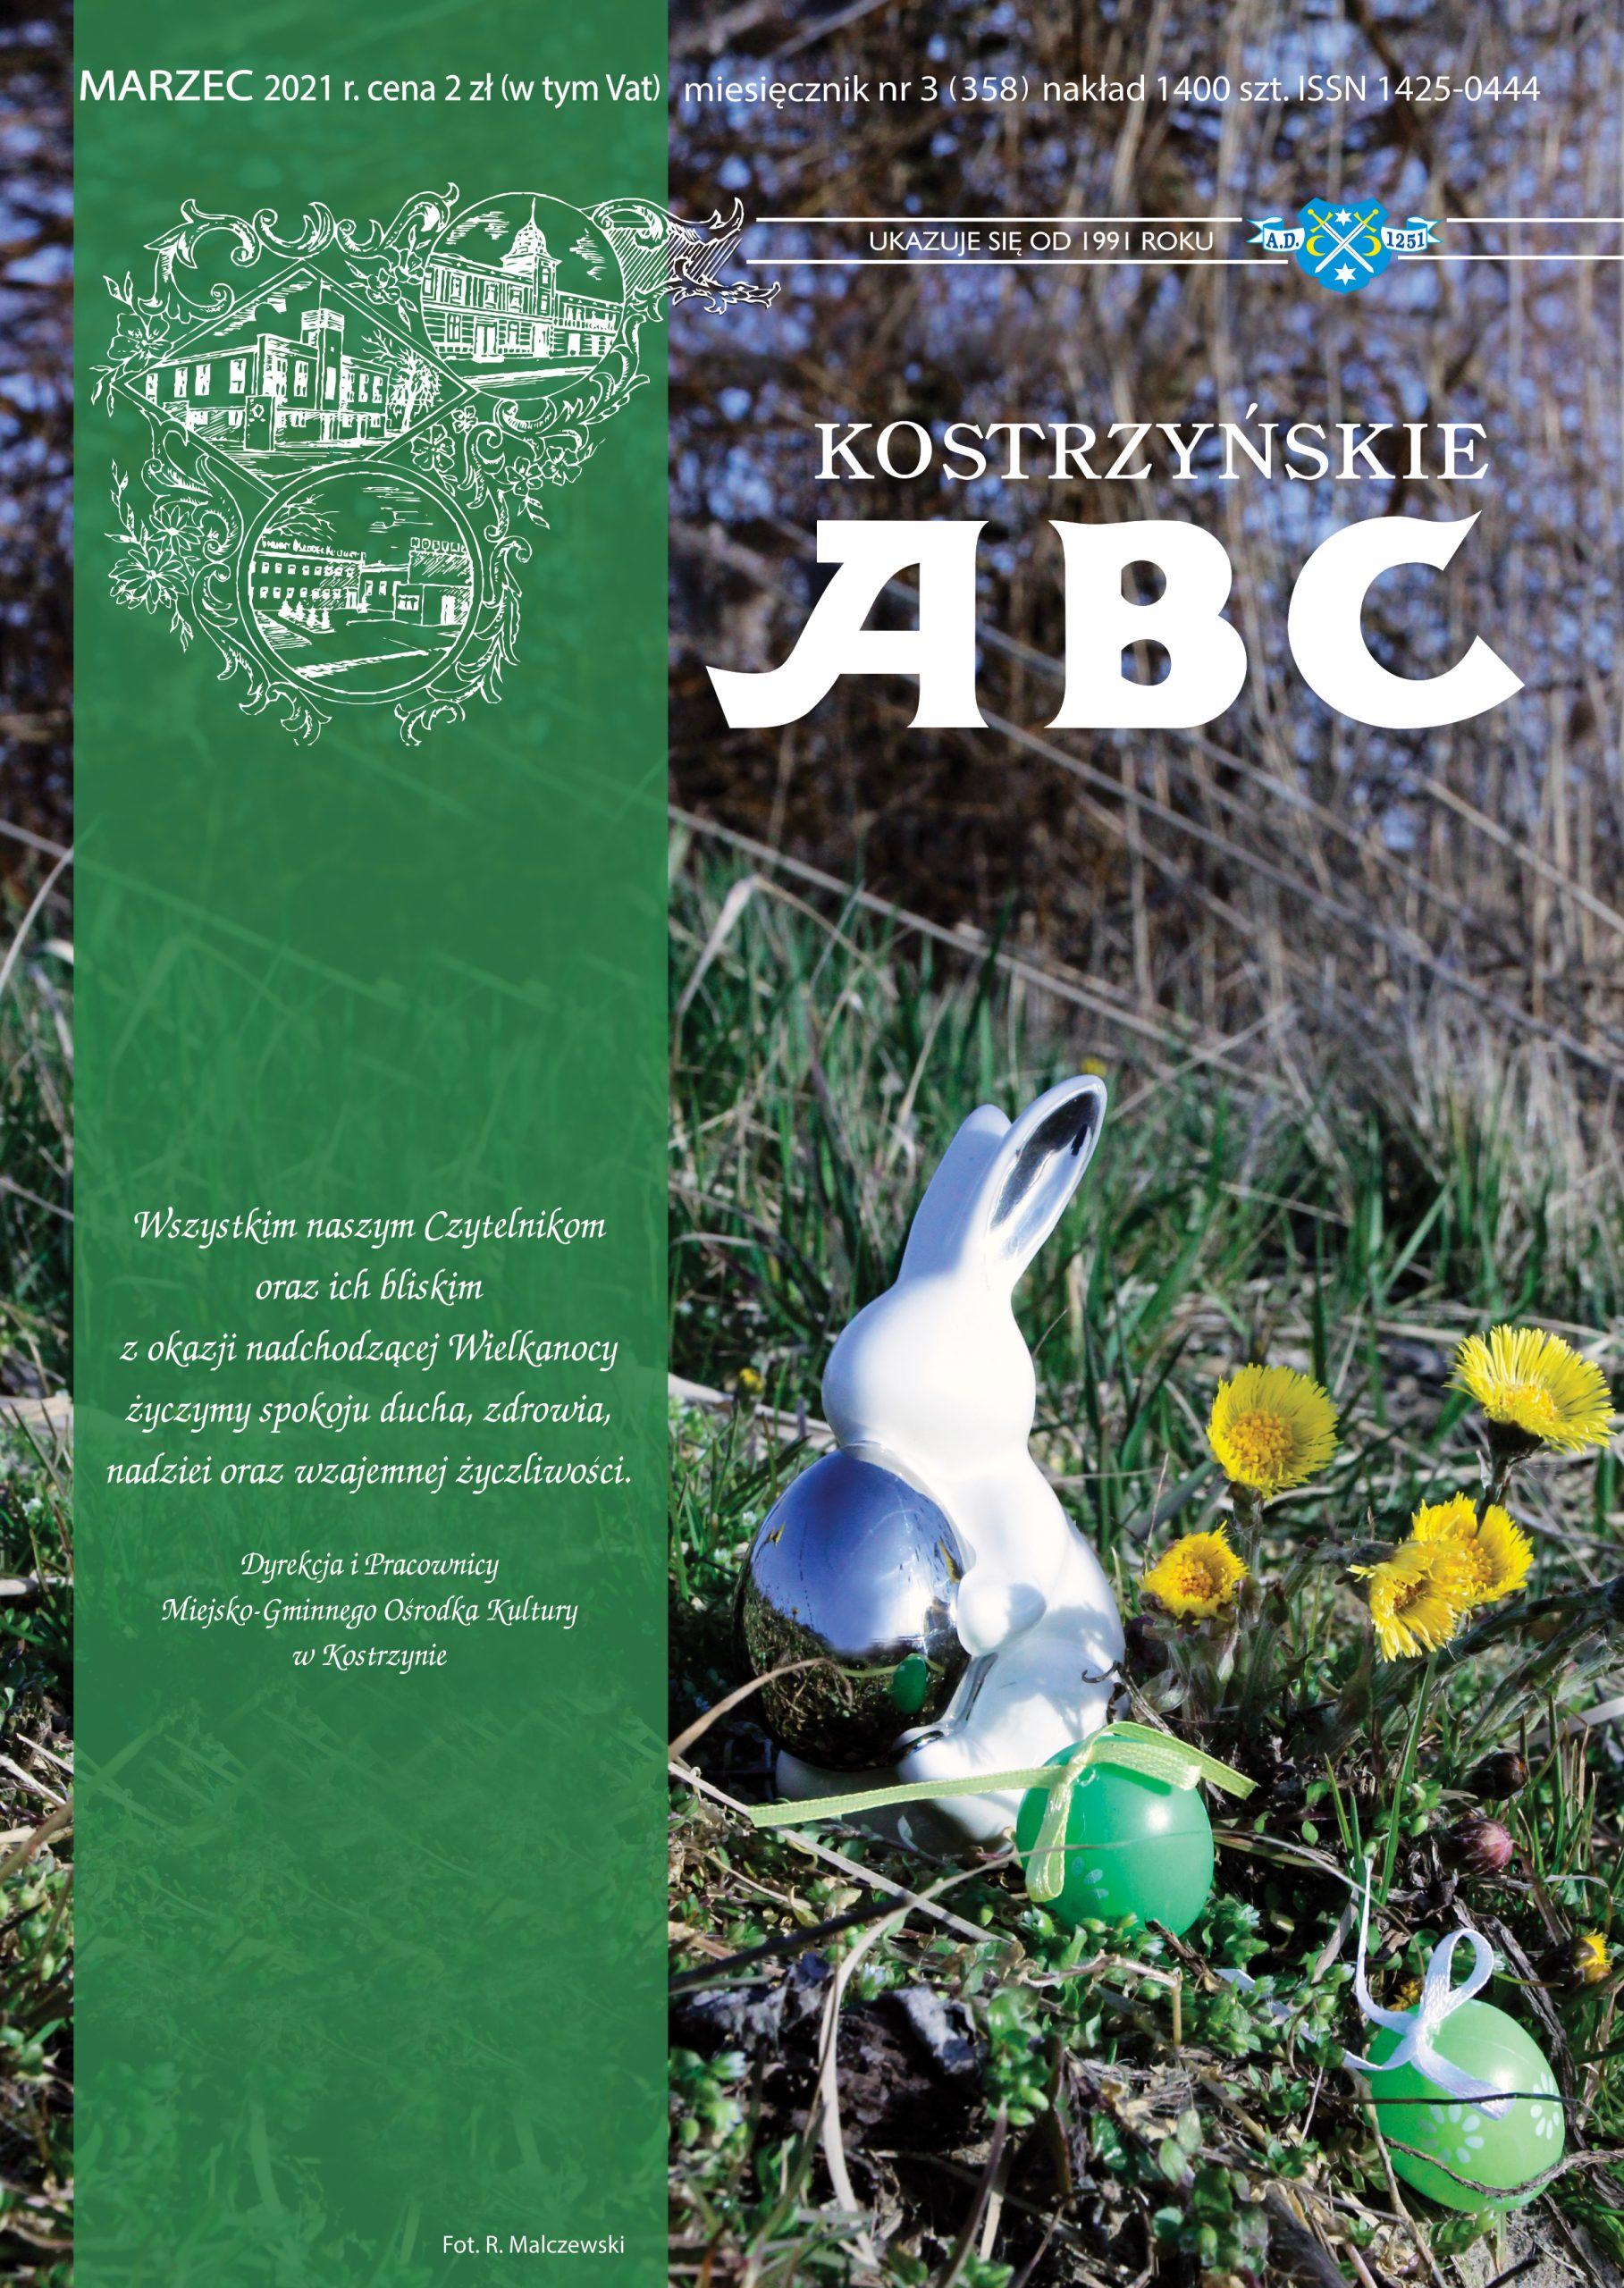 Okładka marcowego wydania Kostrzyńskiego ABC, przedstawia świątecznego zająca na łące i zyczenia od redakcji dla czytelników.